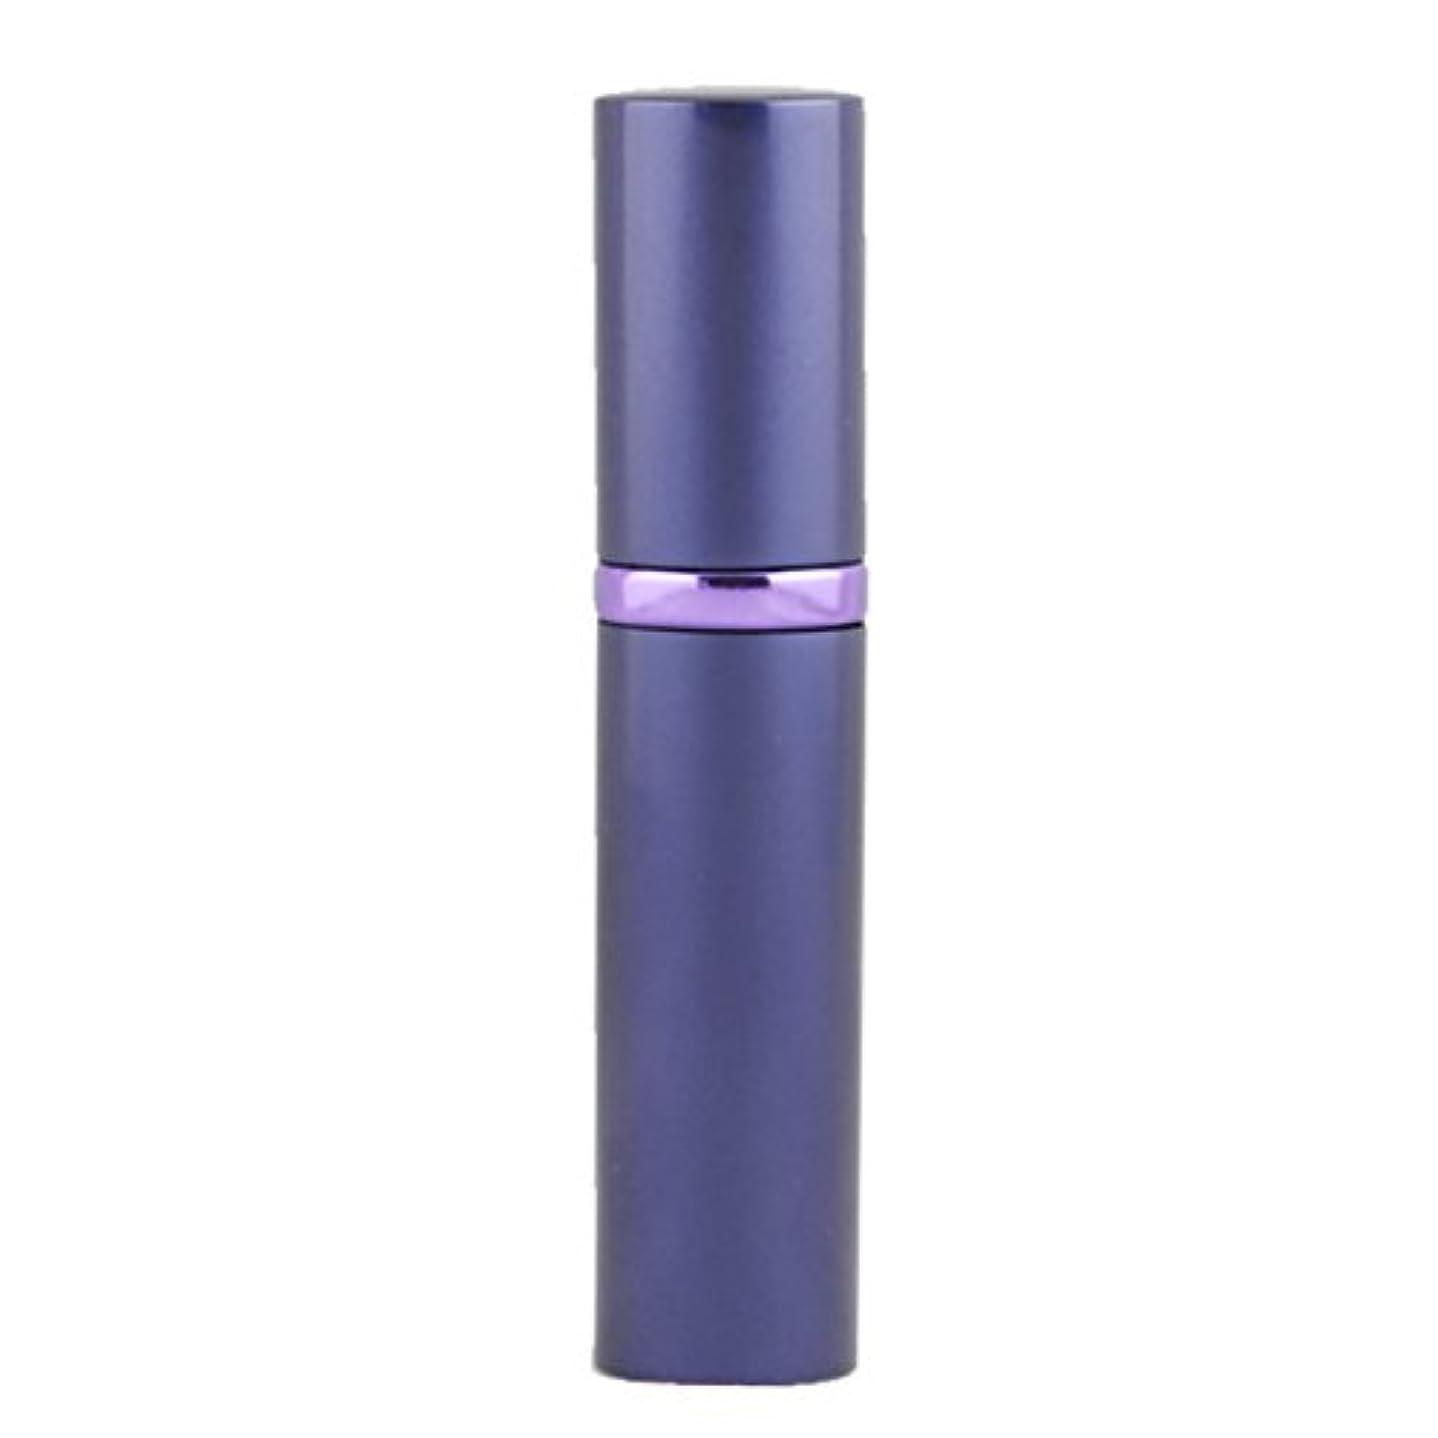 バストそれからラッチアトマイザ- 詰め替え AsaNana ポータブル クイック 香水噴霧器 携帯用 詰め替え容器 香水用 ワンタッチ補充 香水スプレー パフューム Quick Atomizer プシュ式 (パープル Purple)